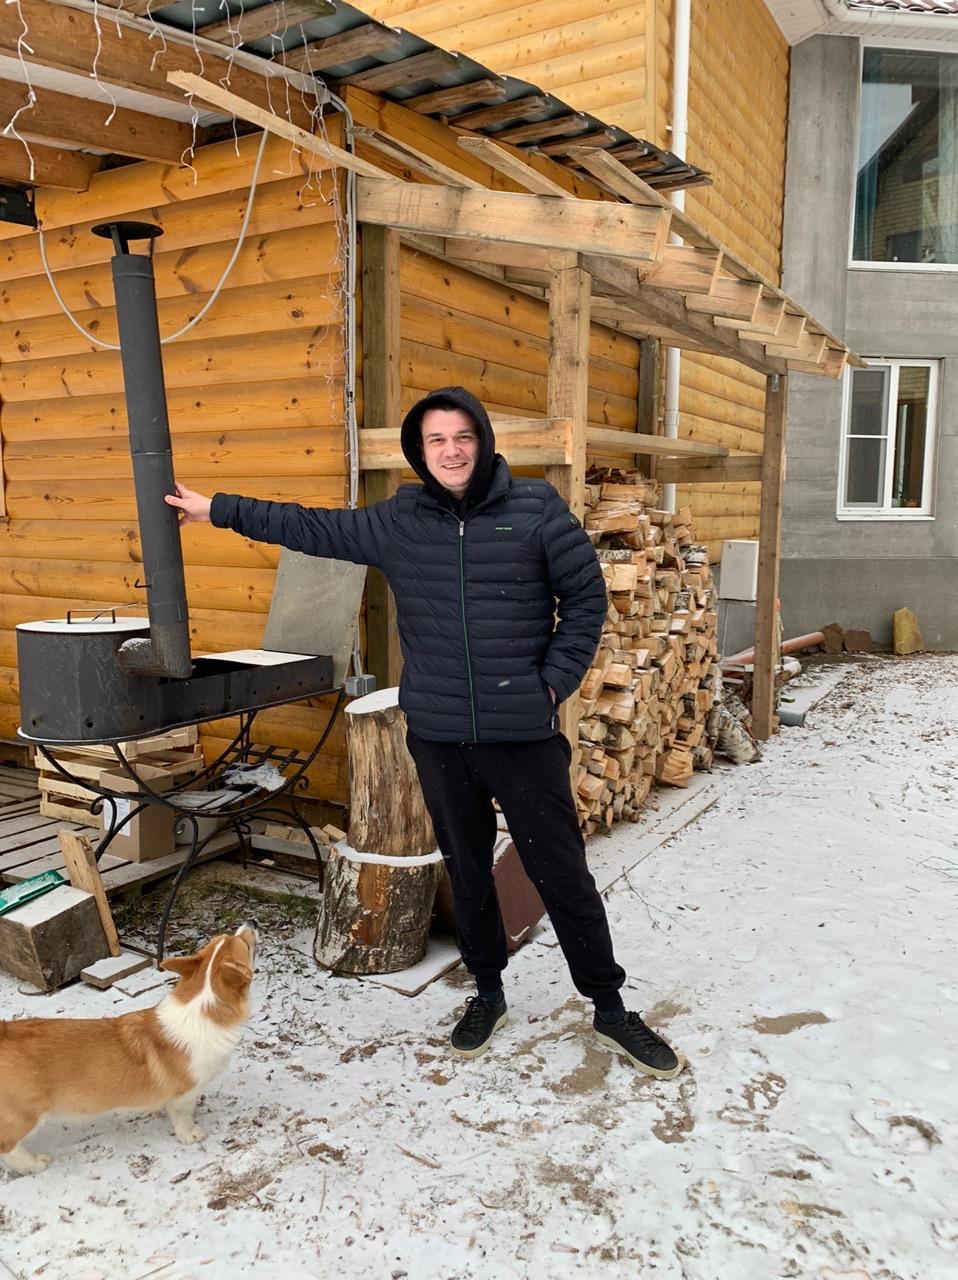 Спустя четыре дня в Ярославле нашли пропавшего мужчину